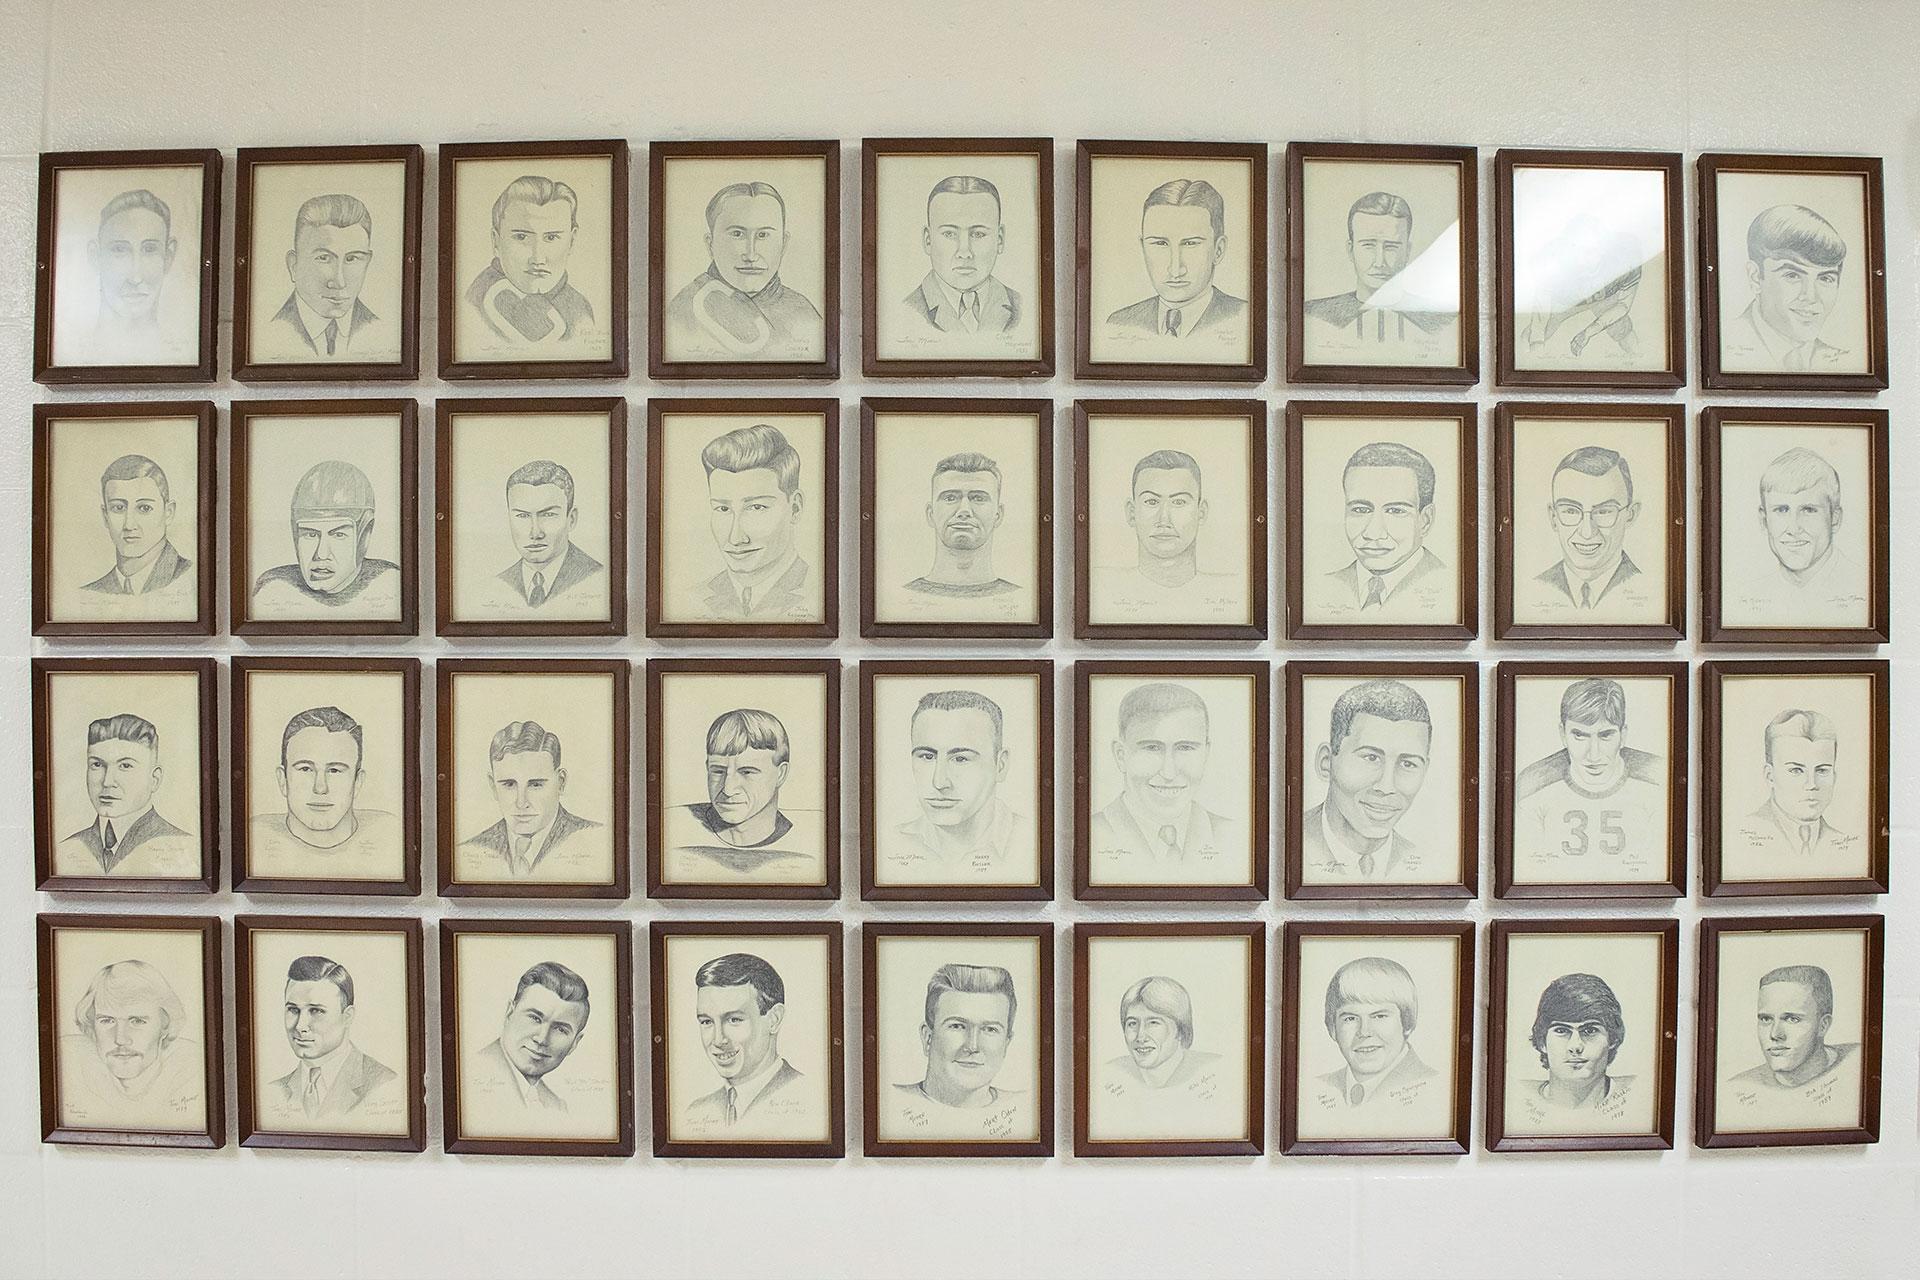 Drawings in frames